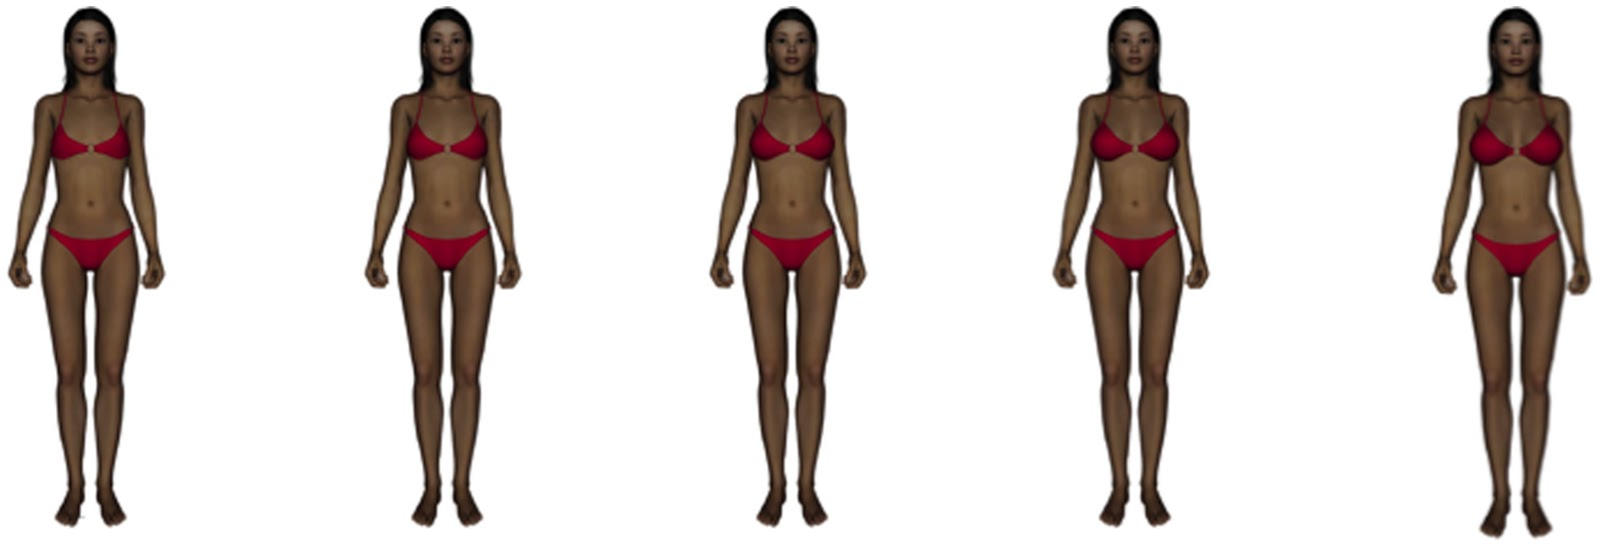 Типы женской груди фотографии 6 фотография